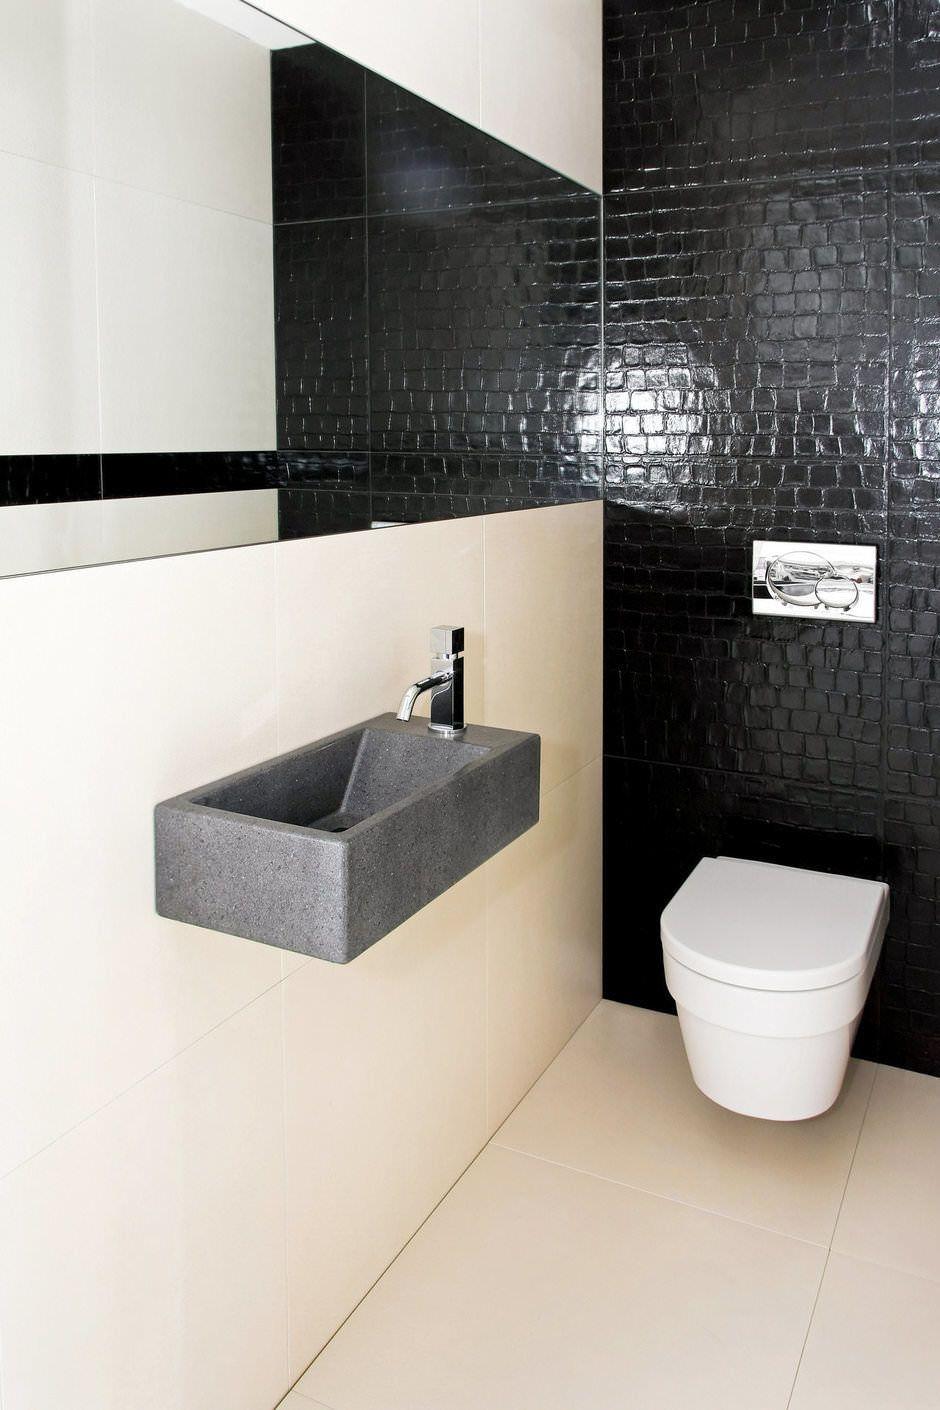 Bagno Moderno Bianco E Nero.50 Idee Per Ristrutturare Un Bagno Piccolo Moderno E Funzionale